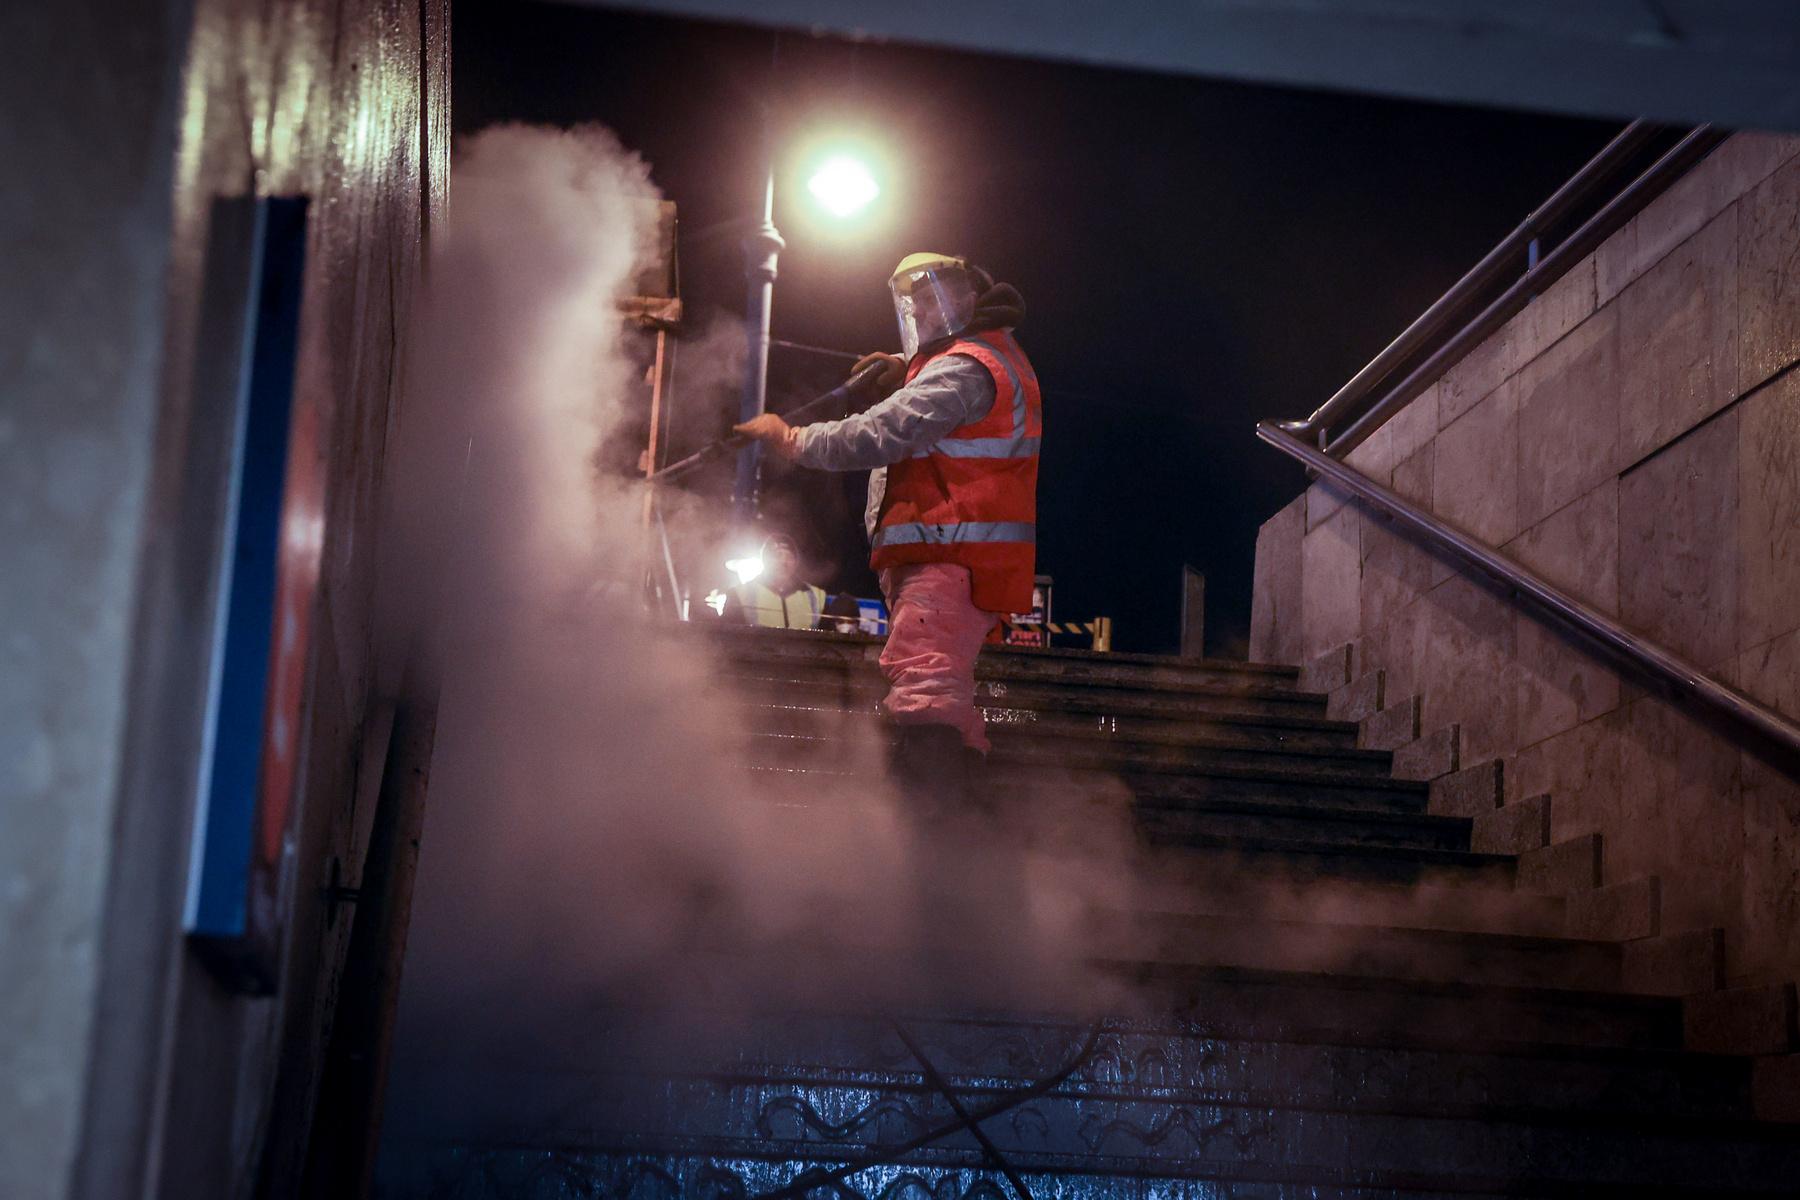 Fertőtlenítővel mossák át a felületeket, a falakat pedig nagy nyomású vízsugárral takarítják.